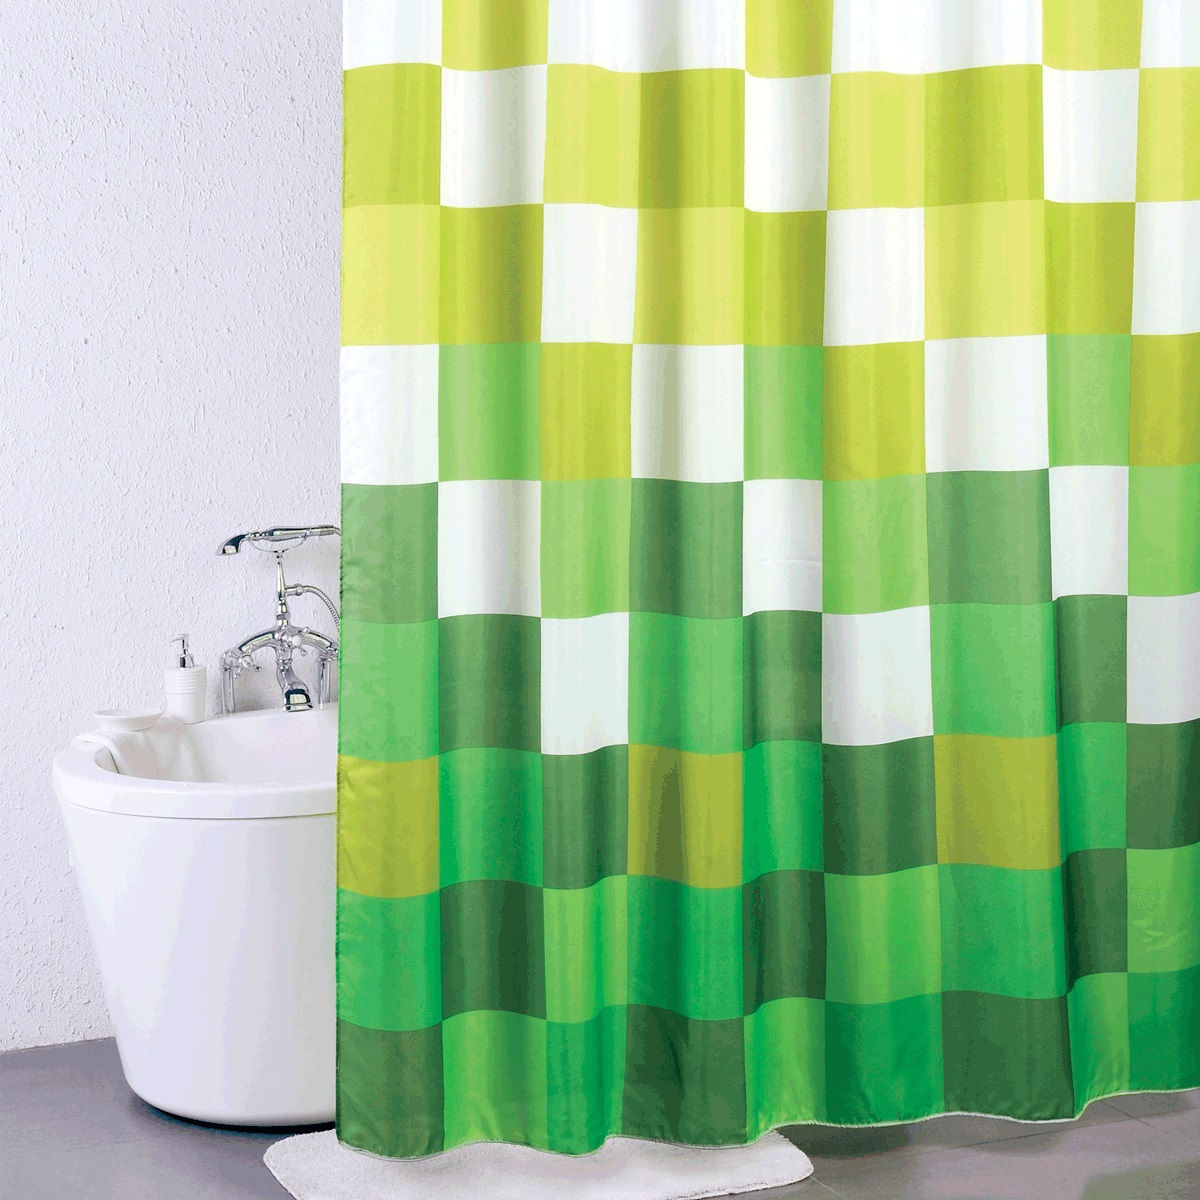 Штора для ванной Milardo Brick Game, цвет: зеленый, 180 x 200 см930P180M11Штора для ванной Milardo Brick Game, изготовленная из полиэстера - водонепроницаемого, мягкого на ощупь и прочного материала, идеально защищает ванную комнату от брызг. В верхней кромке шторы предусмотрены металлические отверстия для колец, которые входят в комплект.Штора Milardo Brick Game порадует вас своим ярким дизайном и добавит уюта в ванную комнату. Плотность: 90 г/м.Количество колец: 12 шт.